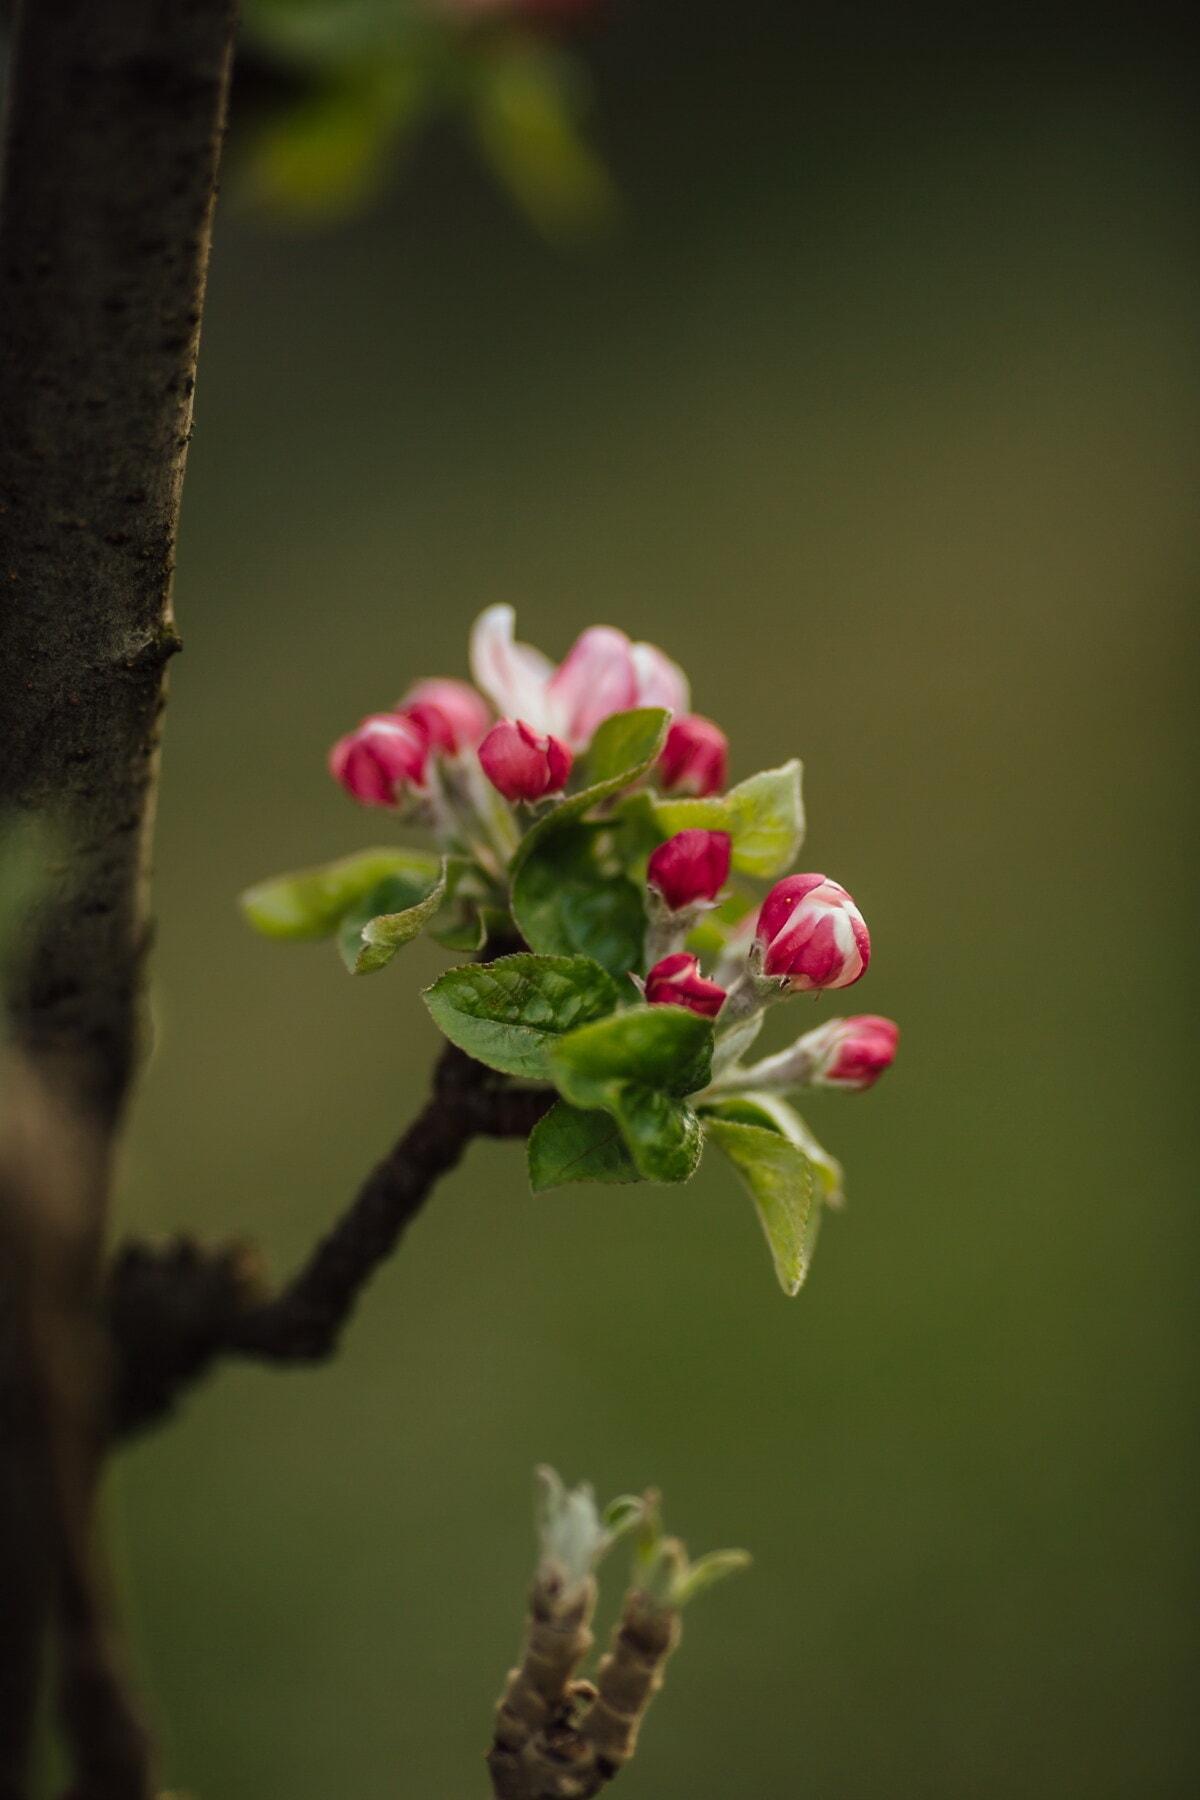 pommier, arbre fruitier, détails, fermer, bouton floral, vertical, arbre, fleur, à l'extérieur, fleur